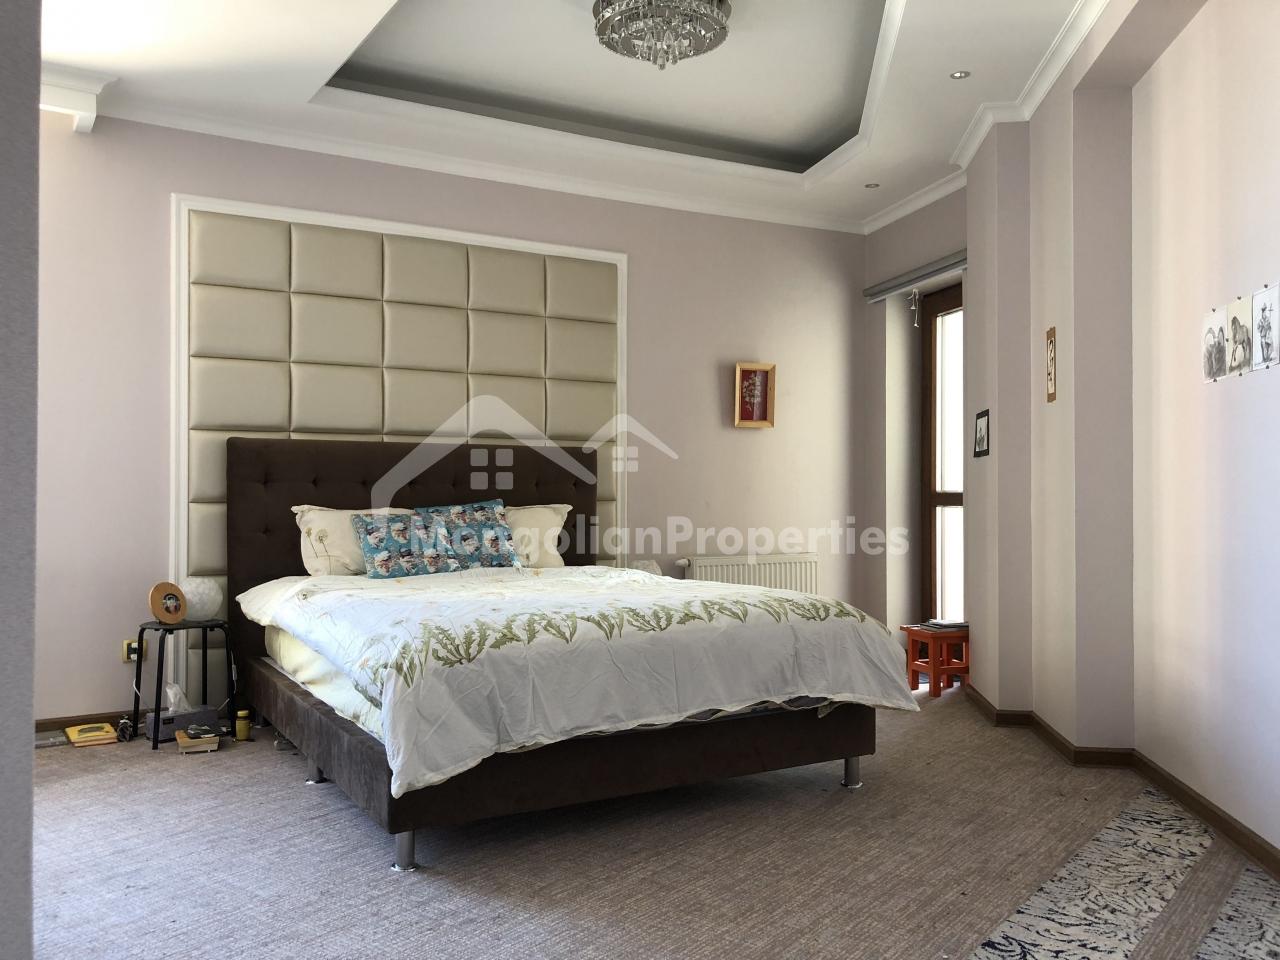 FOR RENT: BEAUTIFUL 2 BEDROOM 1 OFFICE ROOM IN RIVER GARDEN 2